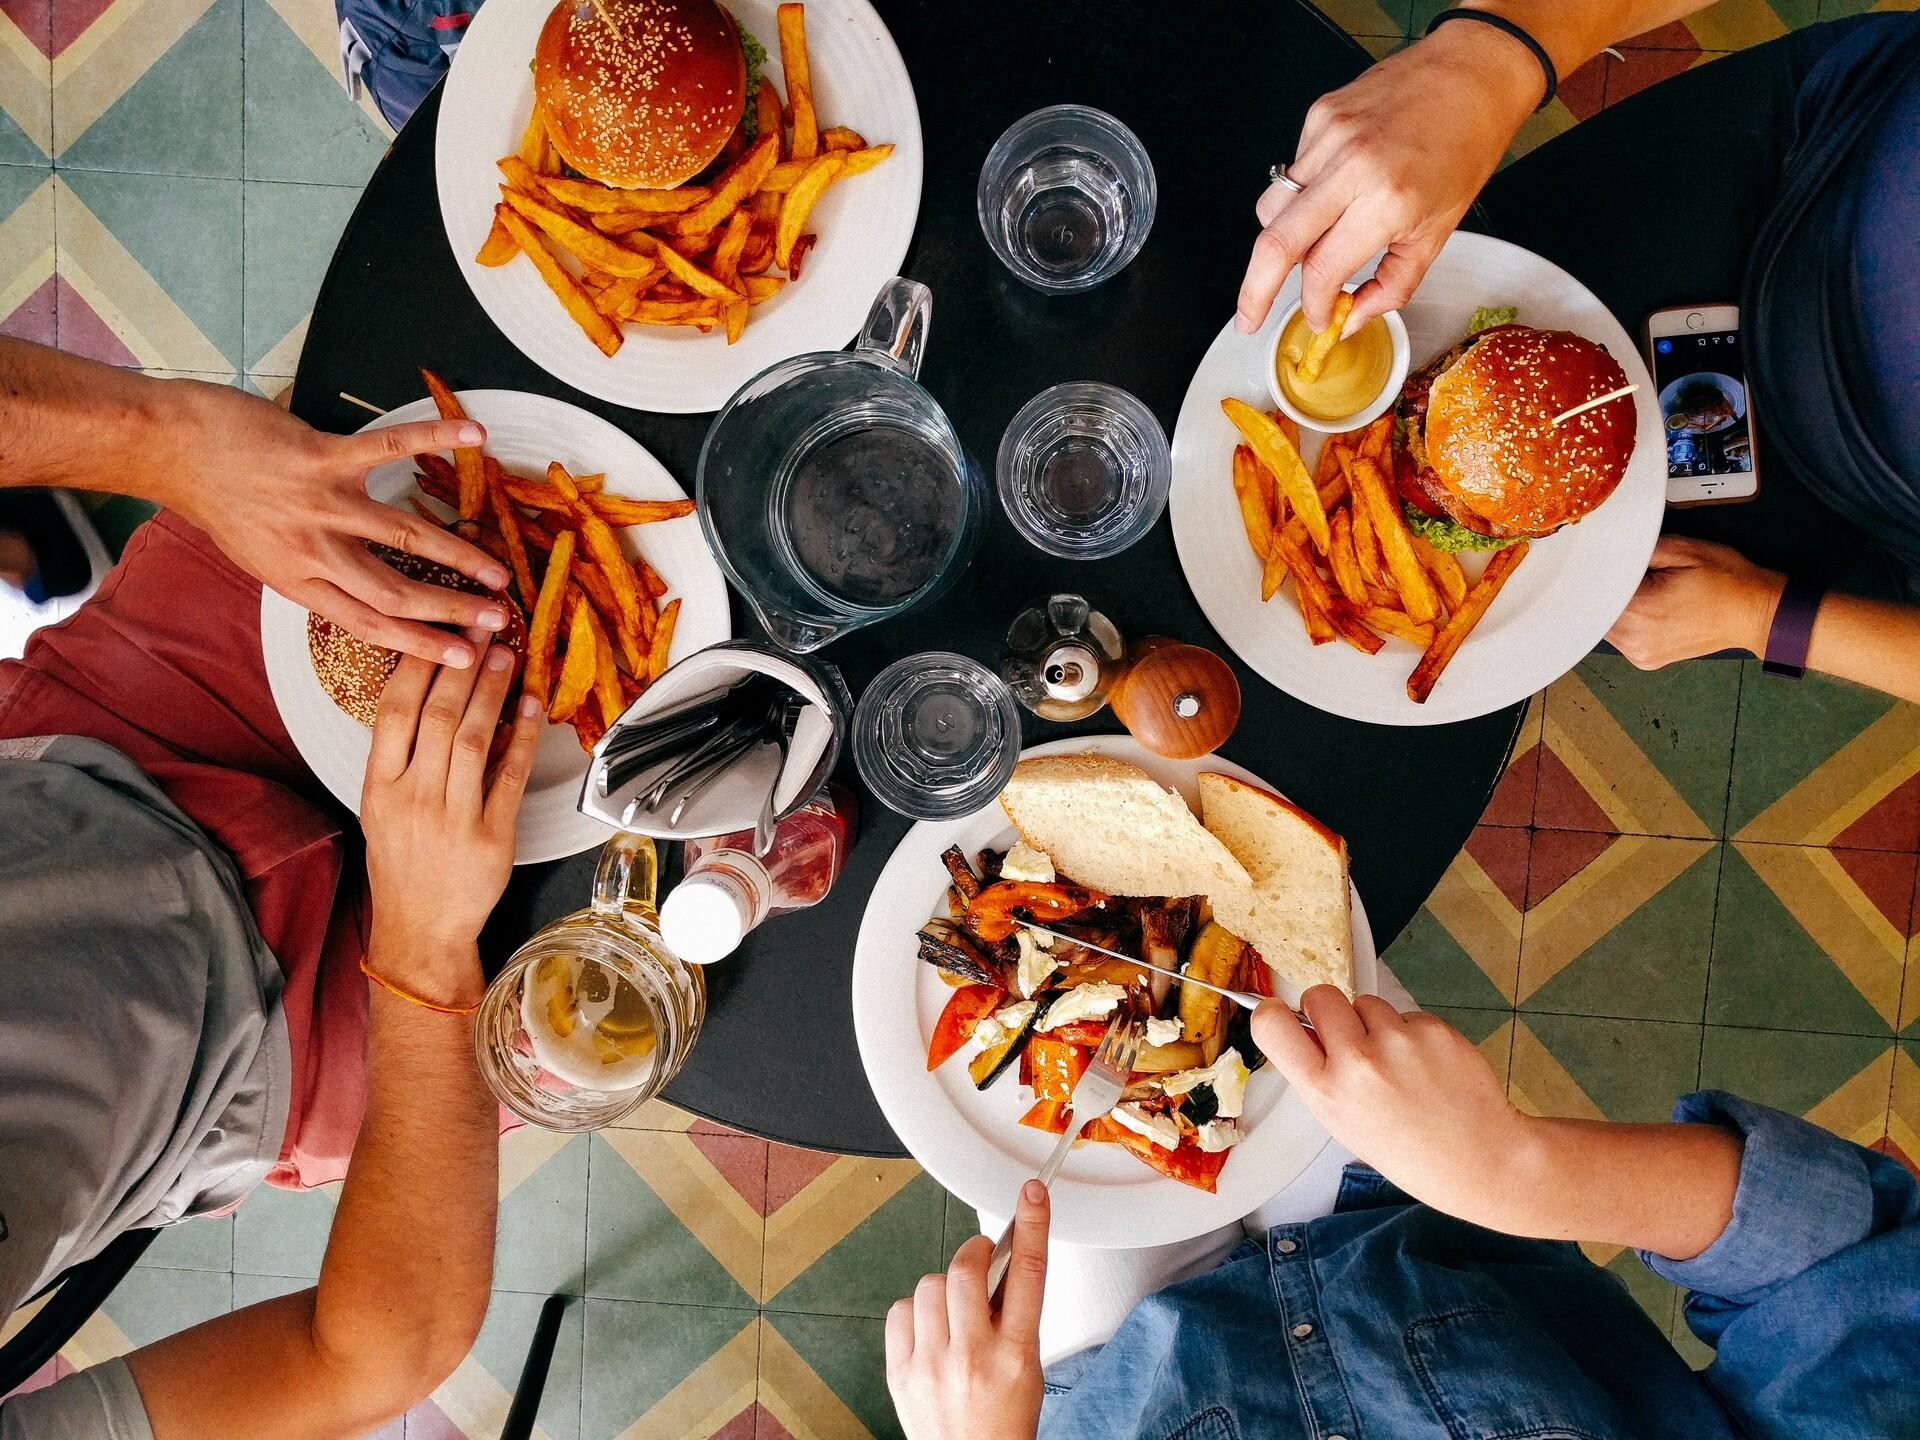 Dove mangiare a Exeter - La cucina della Gran Bretagna e la gastronomia di Exeter